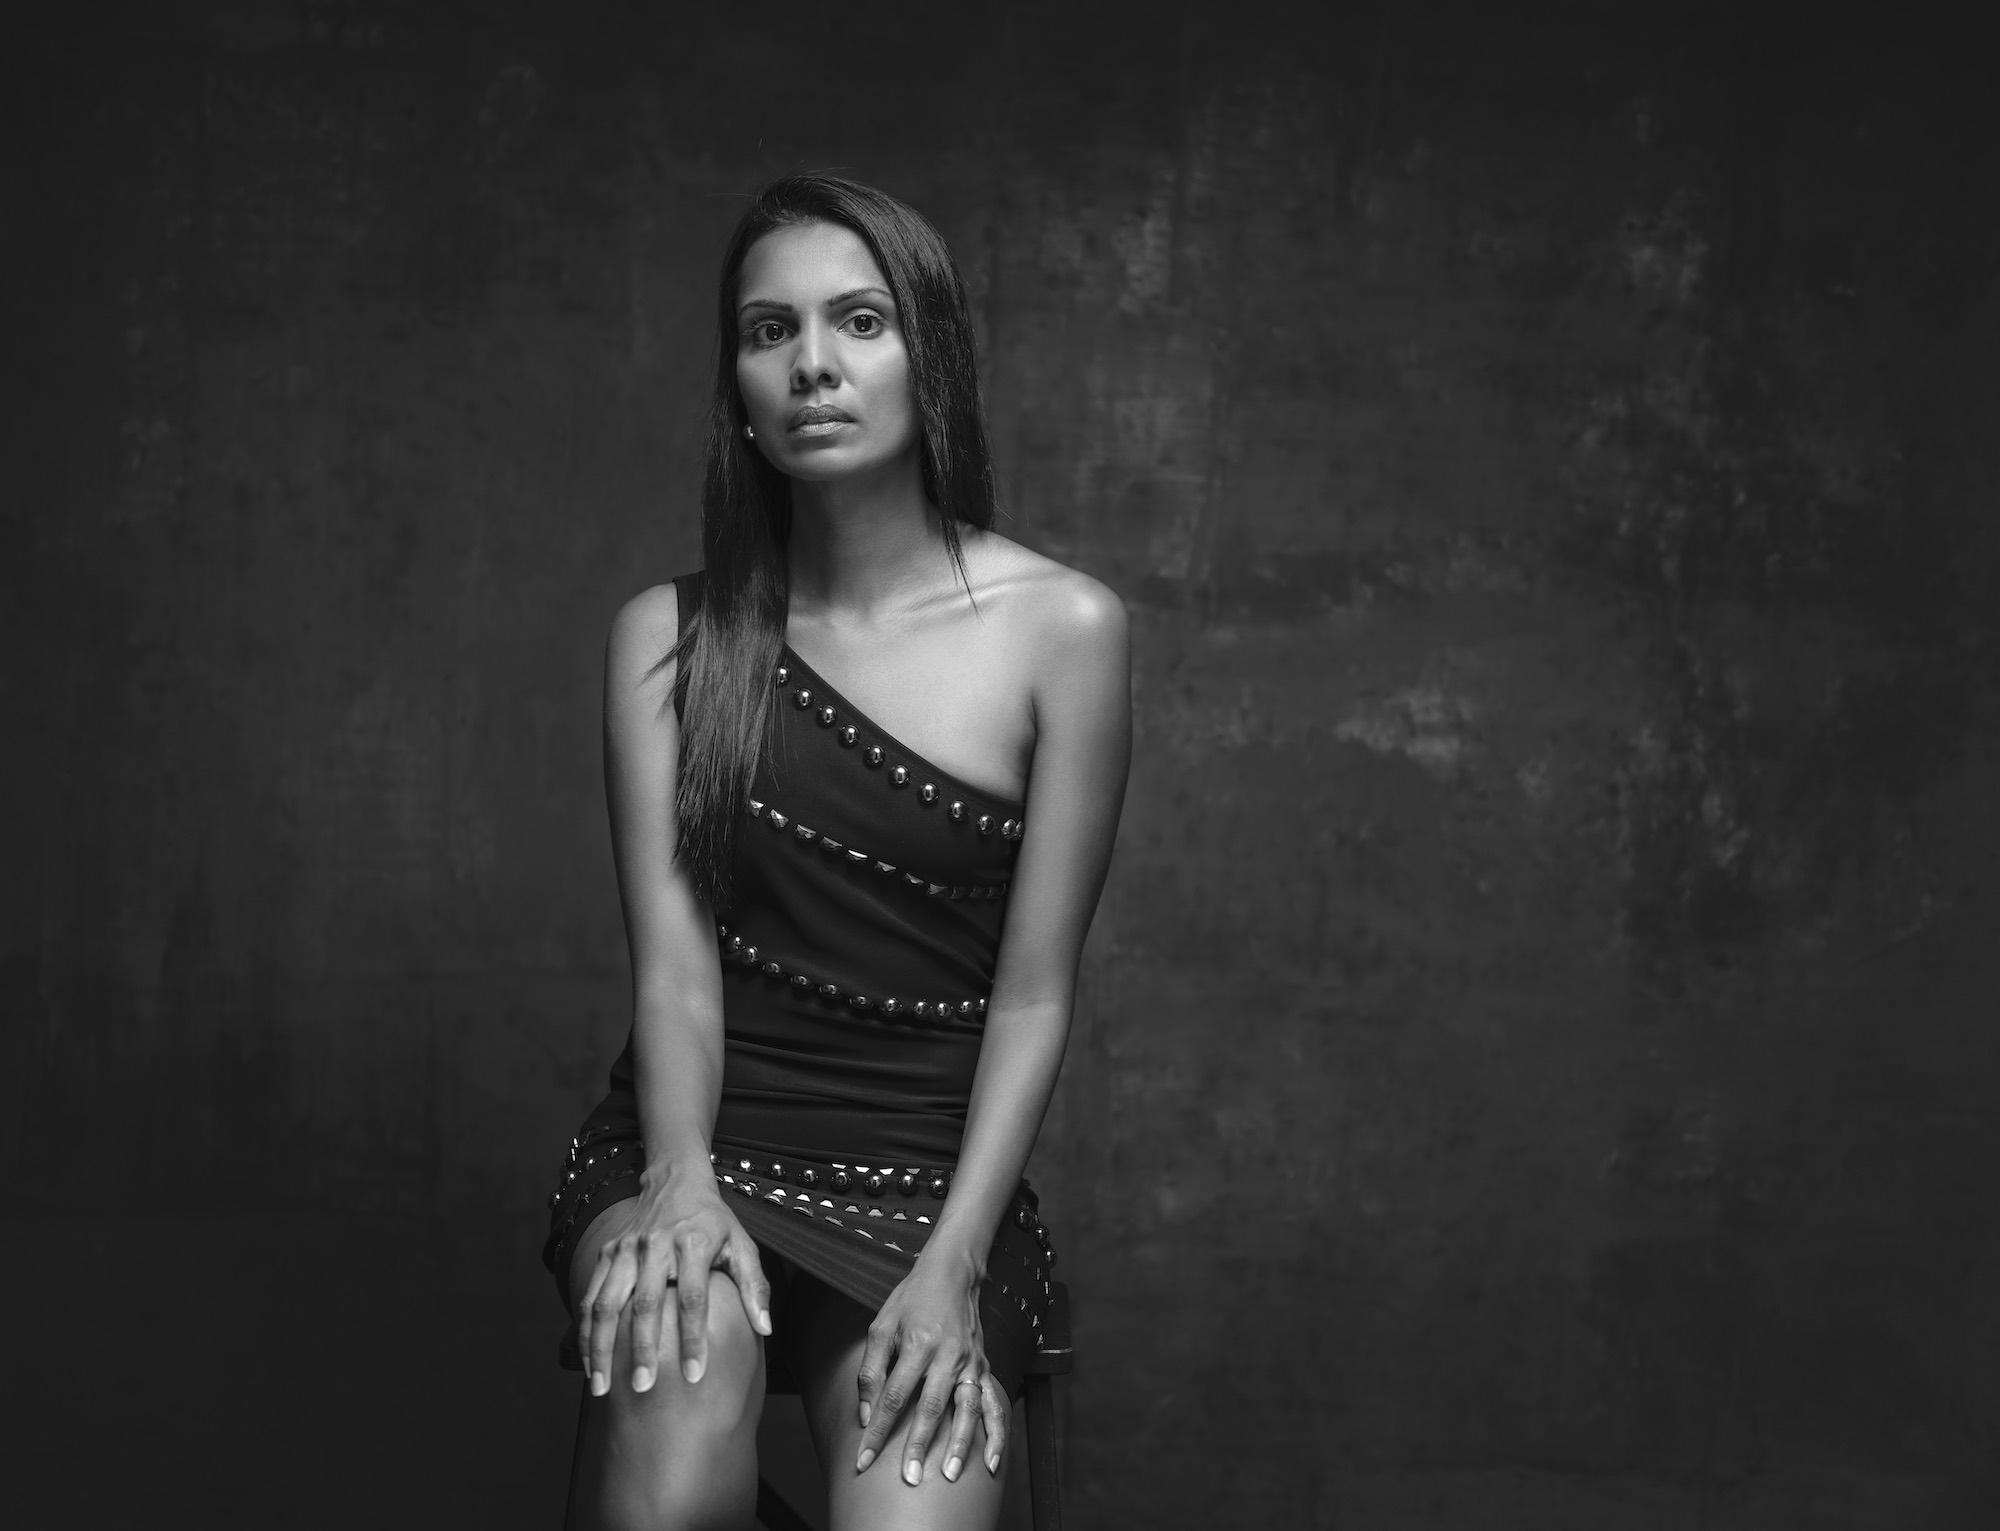 Fashion photography studio singapore services asia photographer photoshoot model shanthi jeuland bw